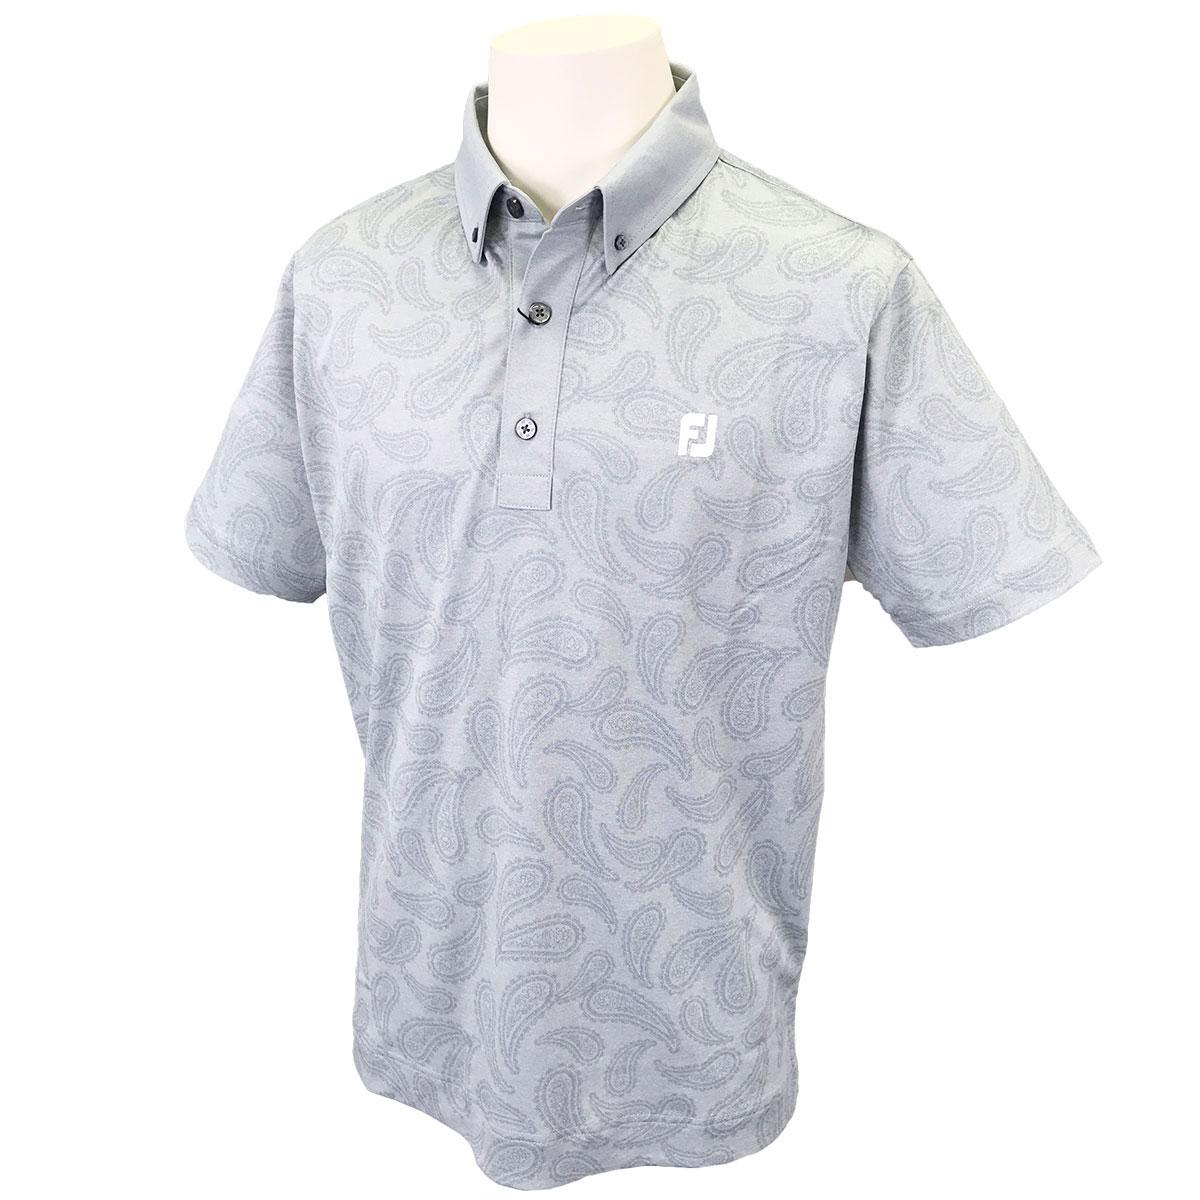 ペイズリー鹿の子 ストレッチ 半袖ポロシャツ